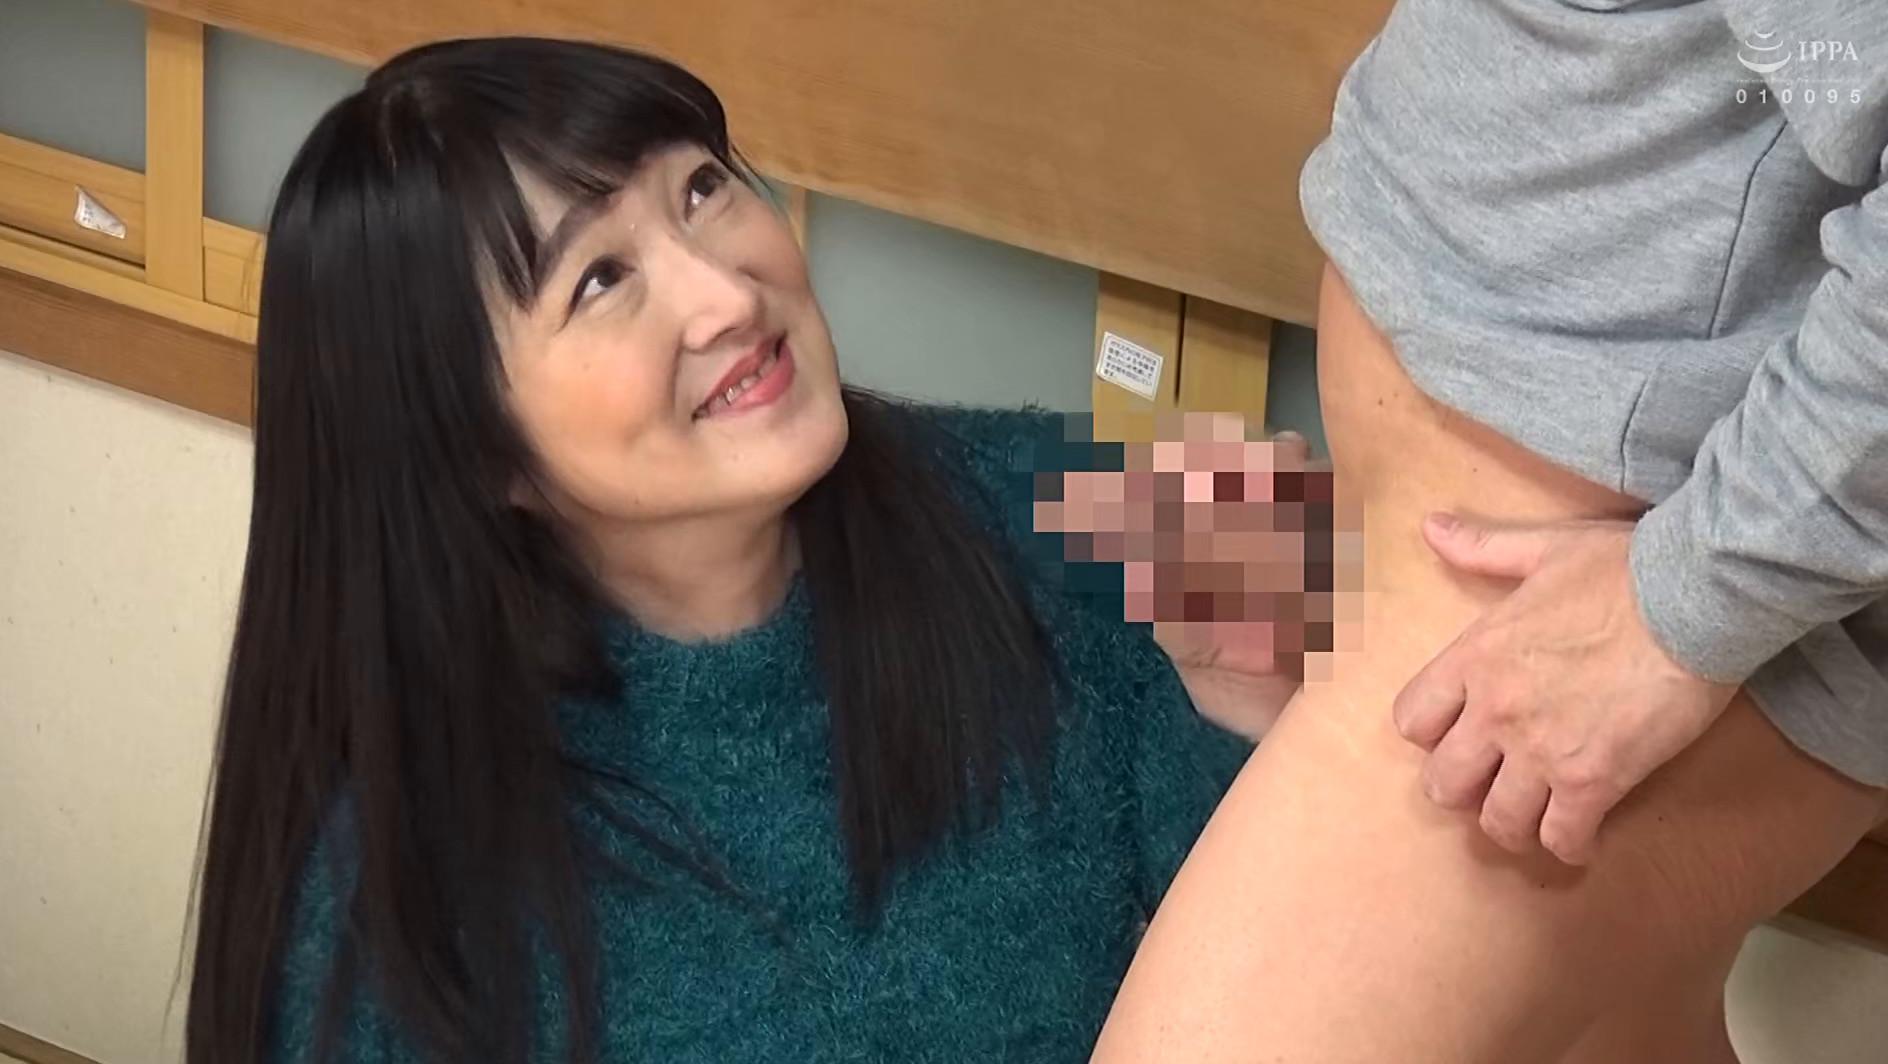 山村集落のおばさんを喰いまくる 原田京子さん(53歳)の場合 画像4